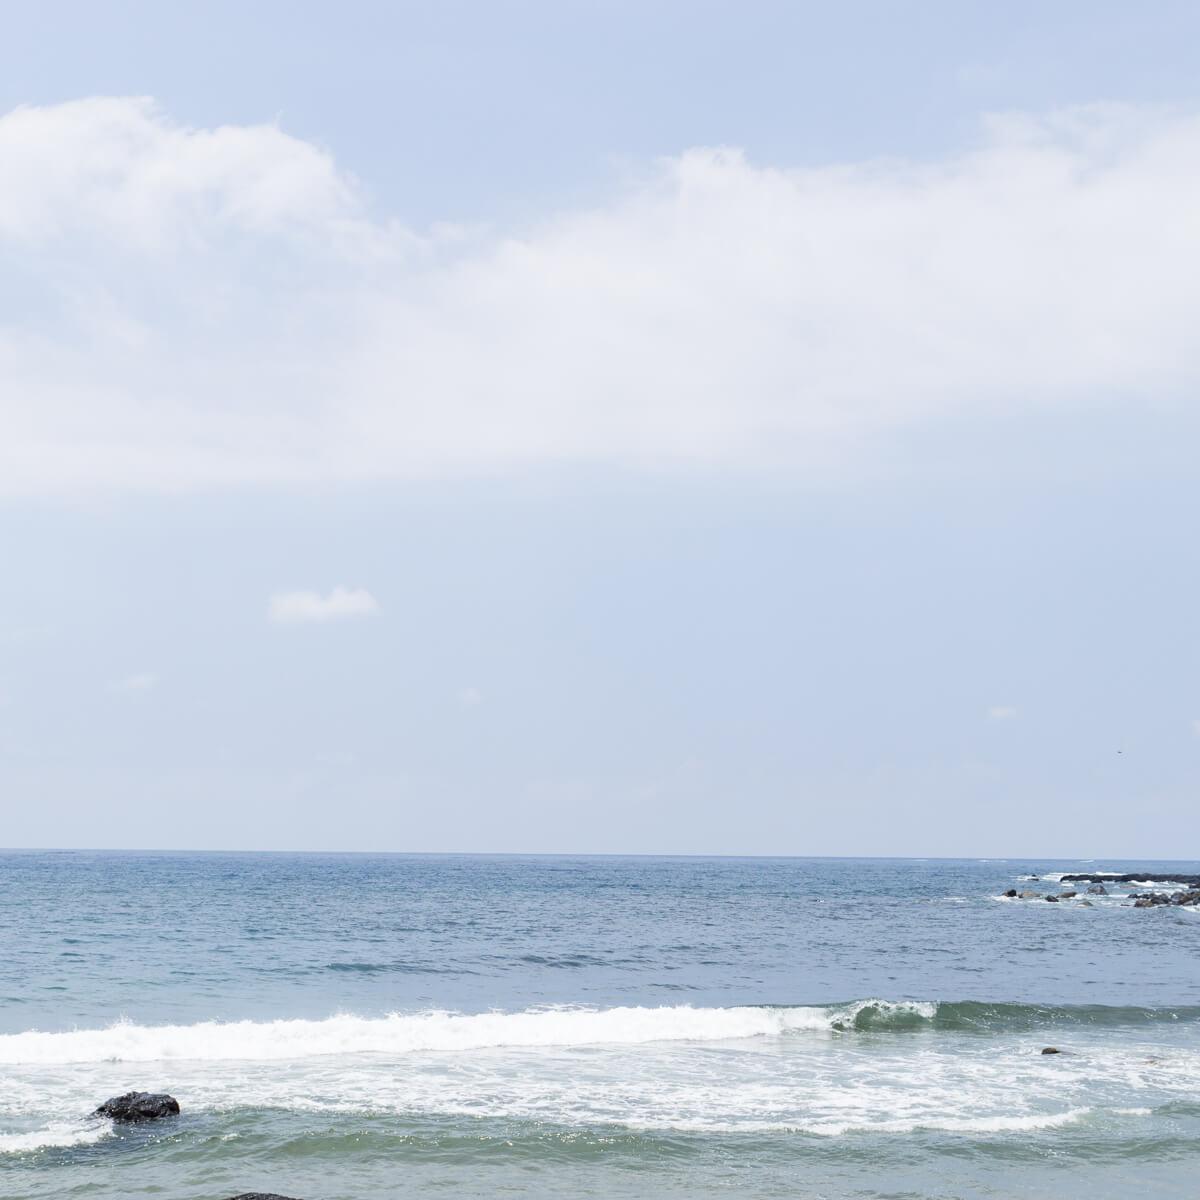 屋久島の海、空 夏の予感 屋久島海とジュエリー オーダーメイドマリッジリングのモチーフ